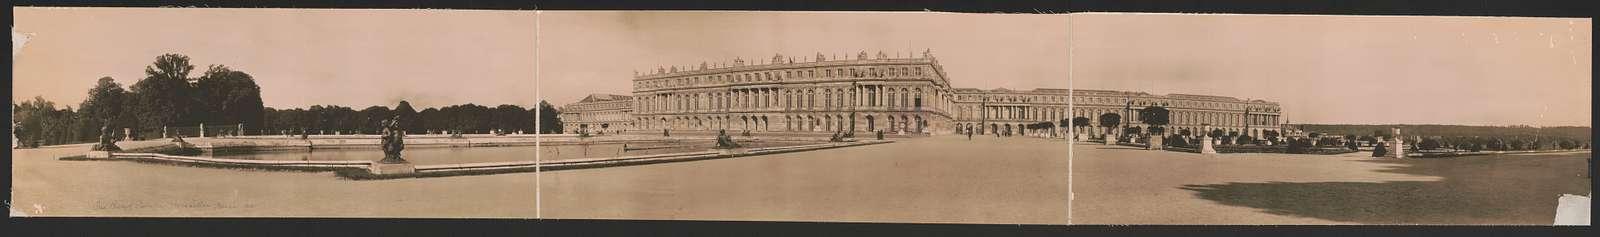 The Royal Palace, Versailles, France